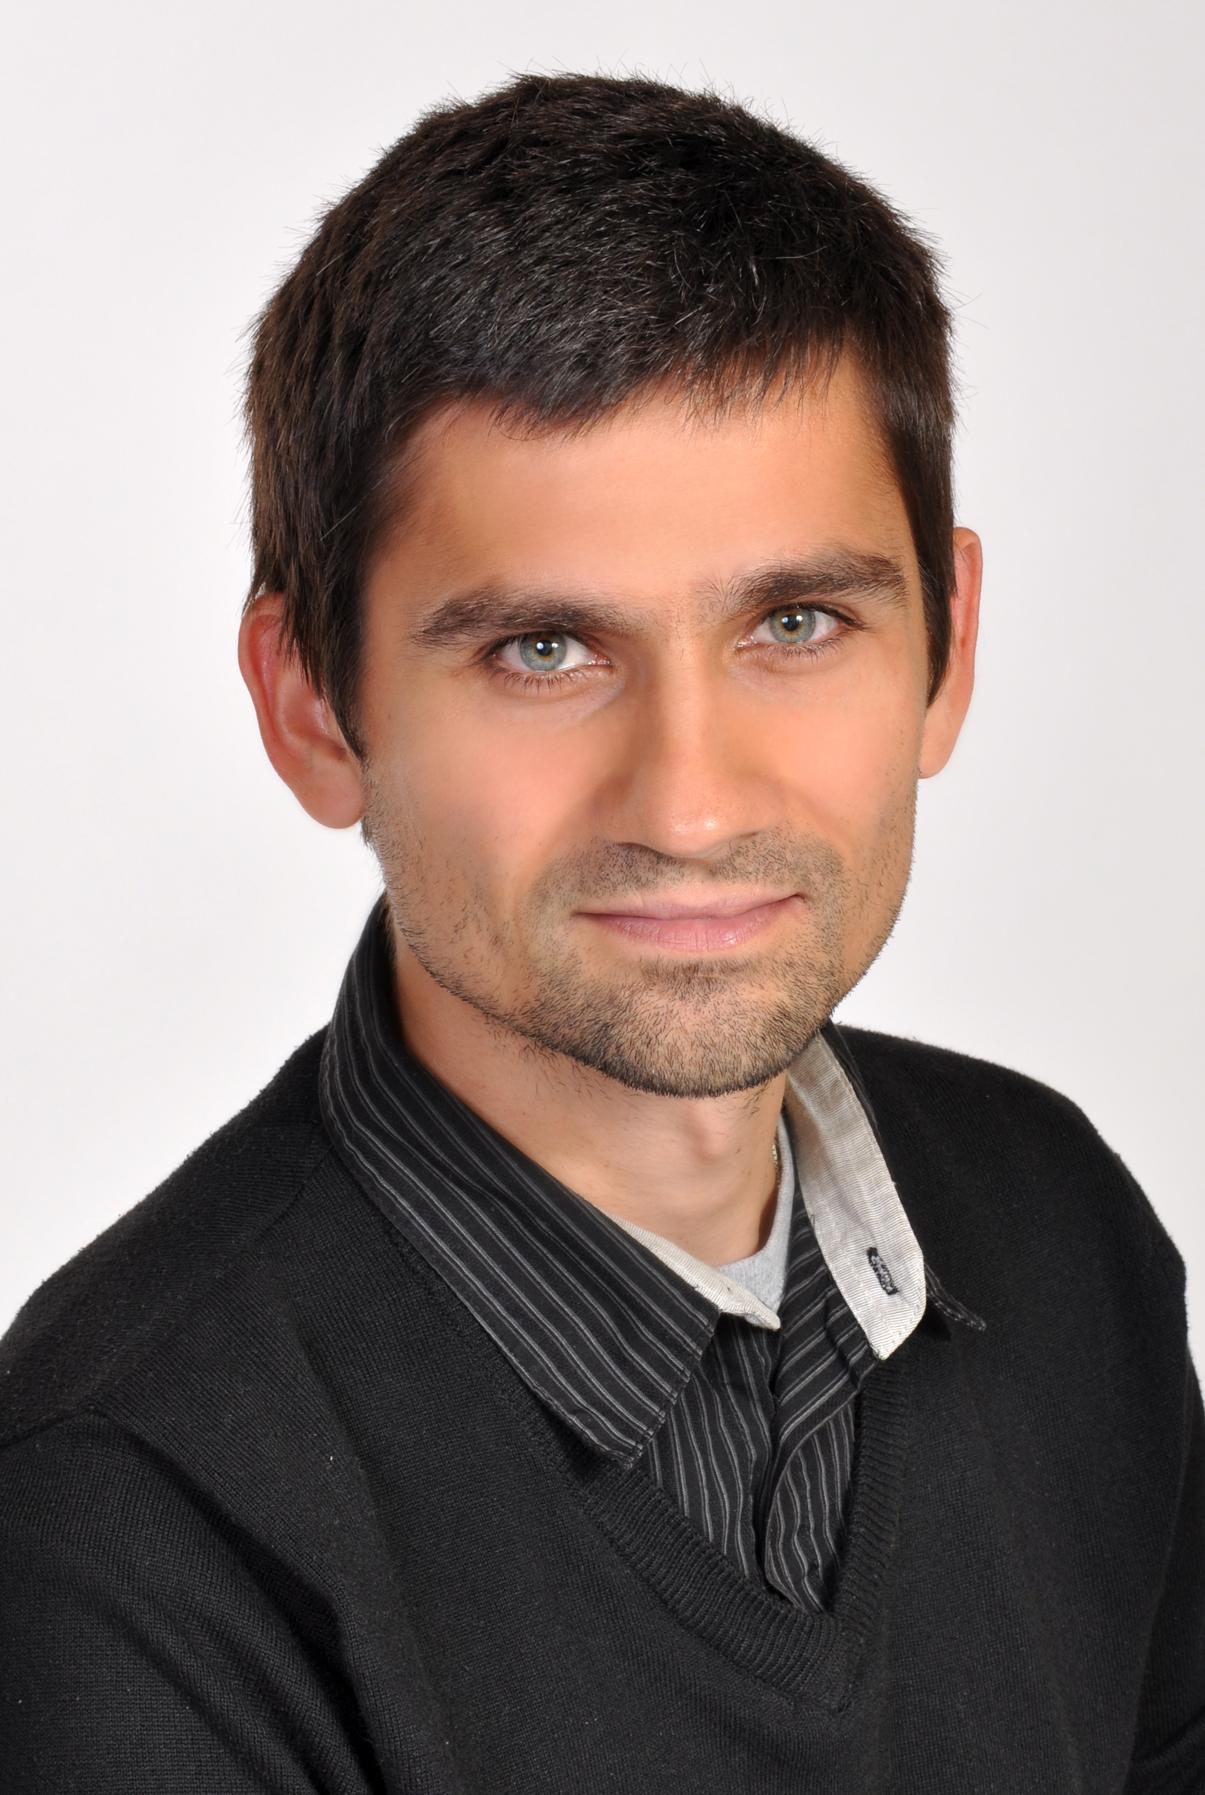 Daniel Kletenský